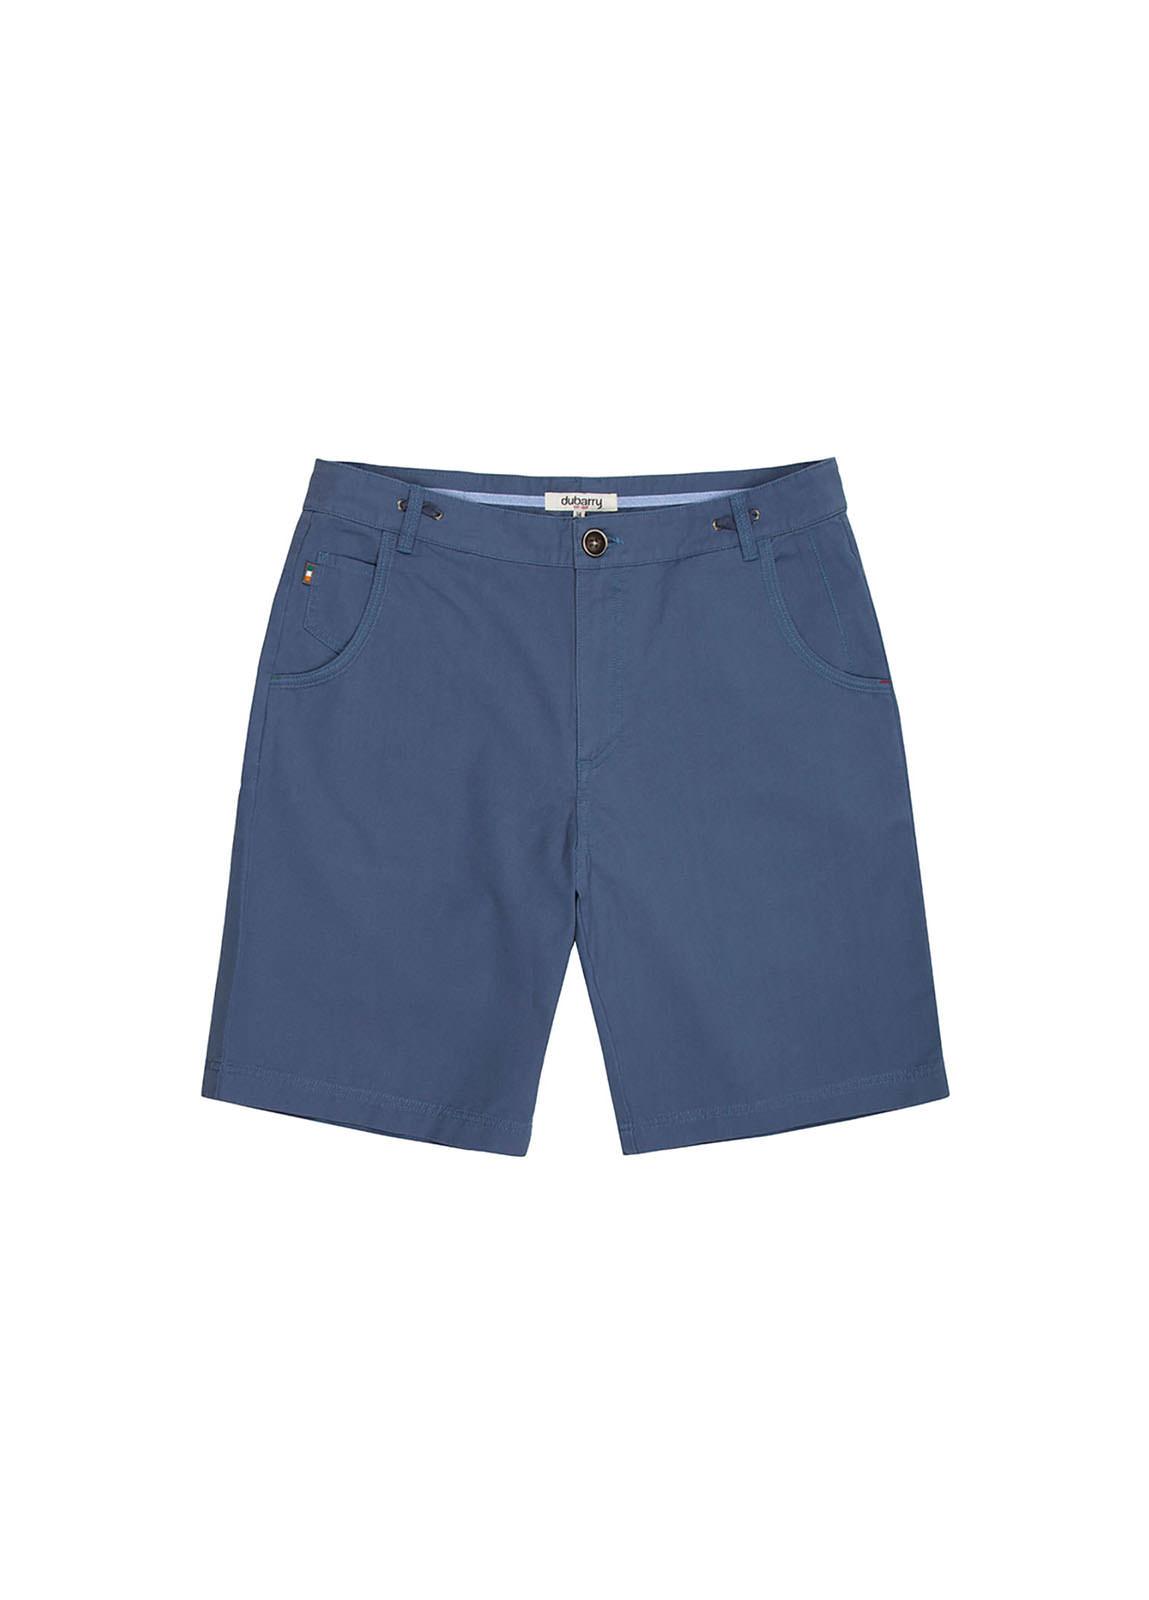 Erne Mens Shorts - Denim